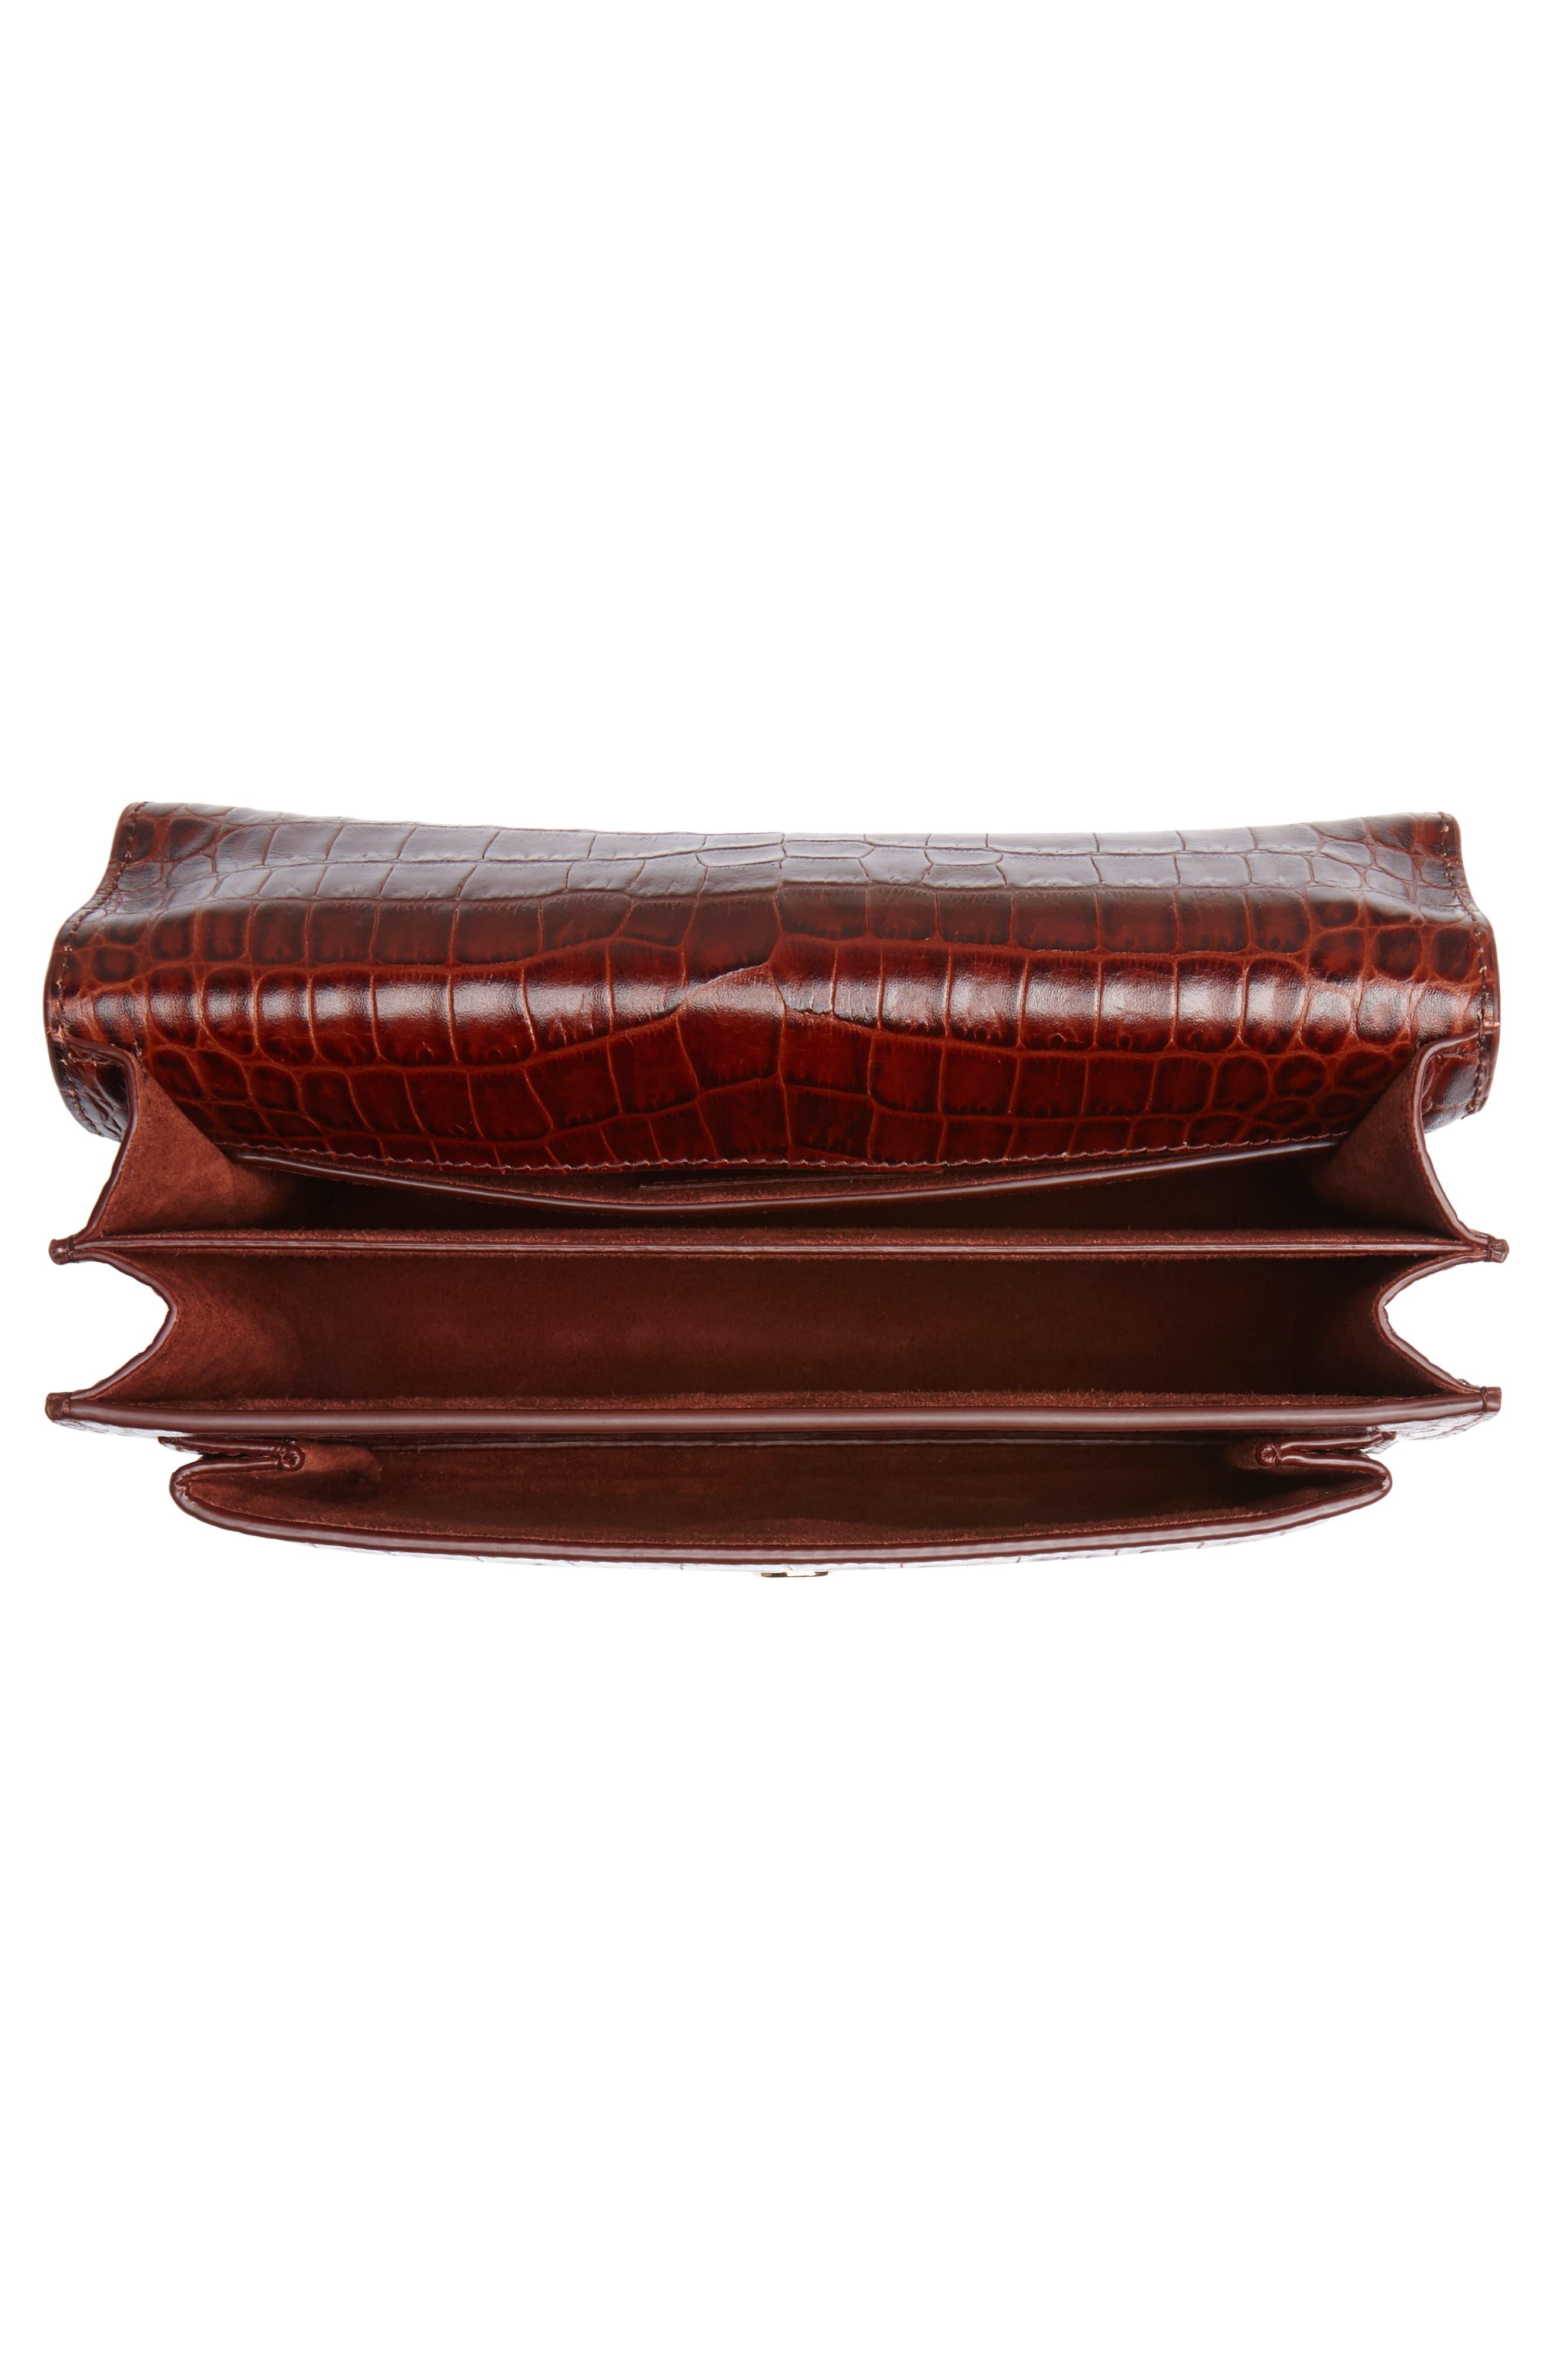 Medium Sunset Croc Embossed Leather Shoulder Bag,                             Alternate thumbnail 4, color,                             930